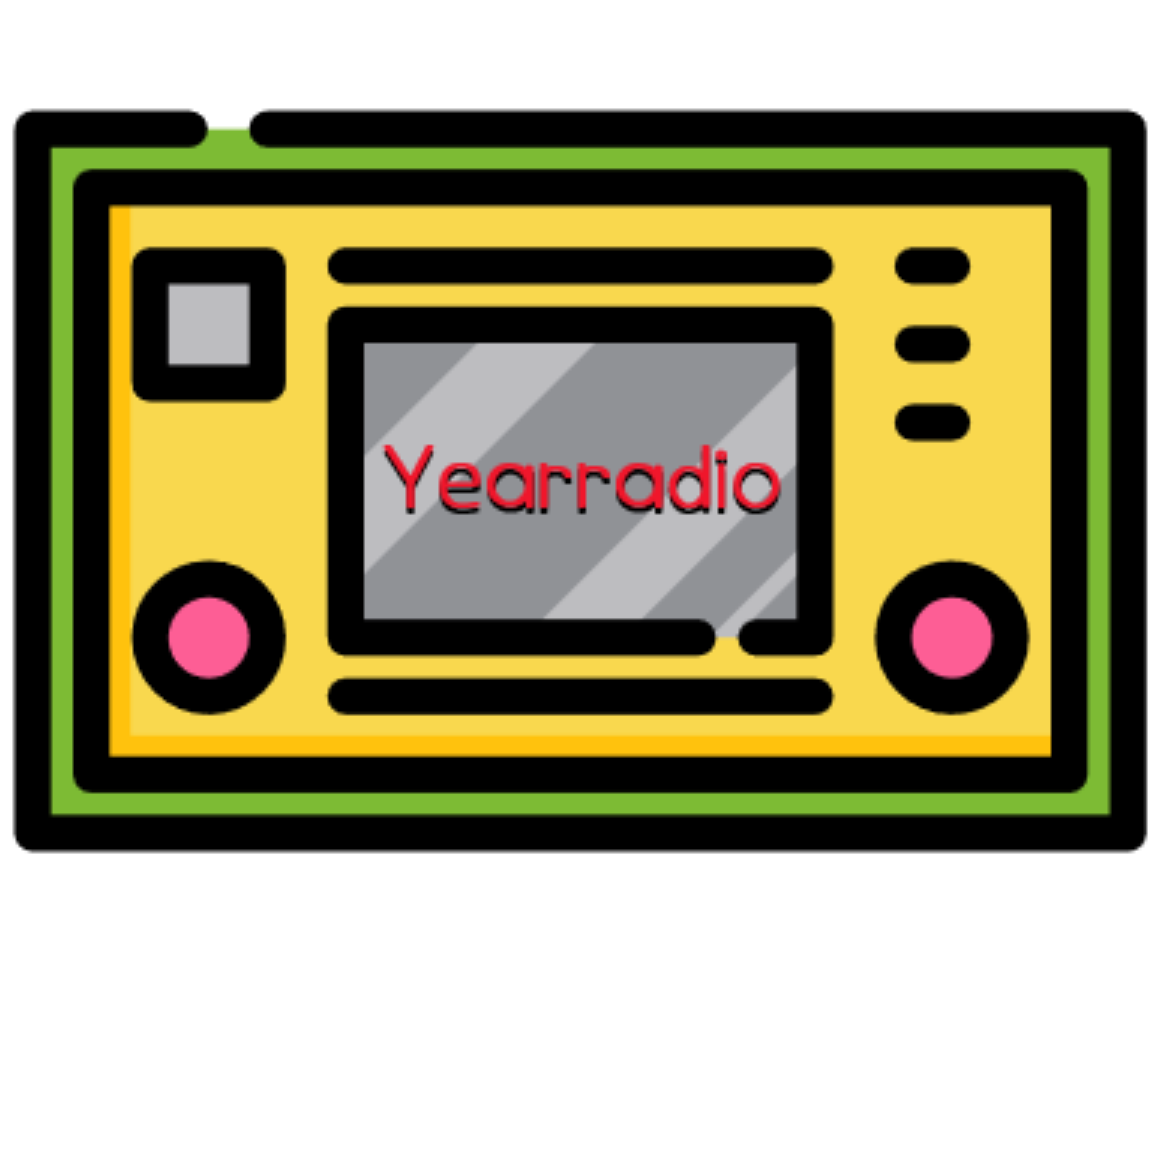 Yearradio_NL